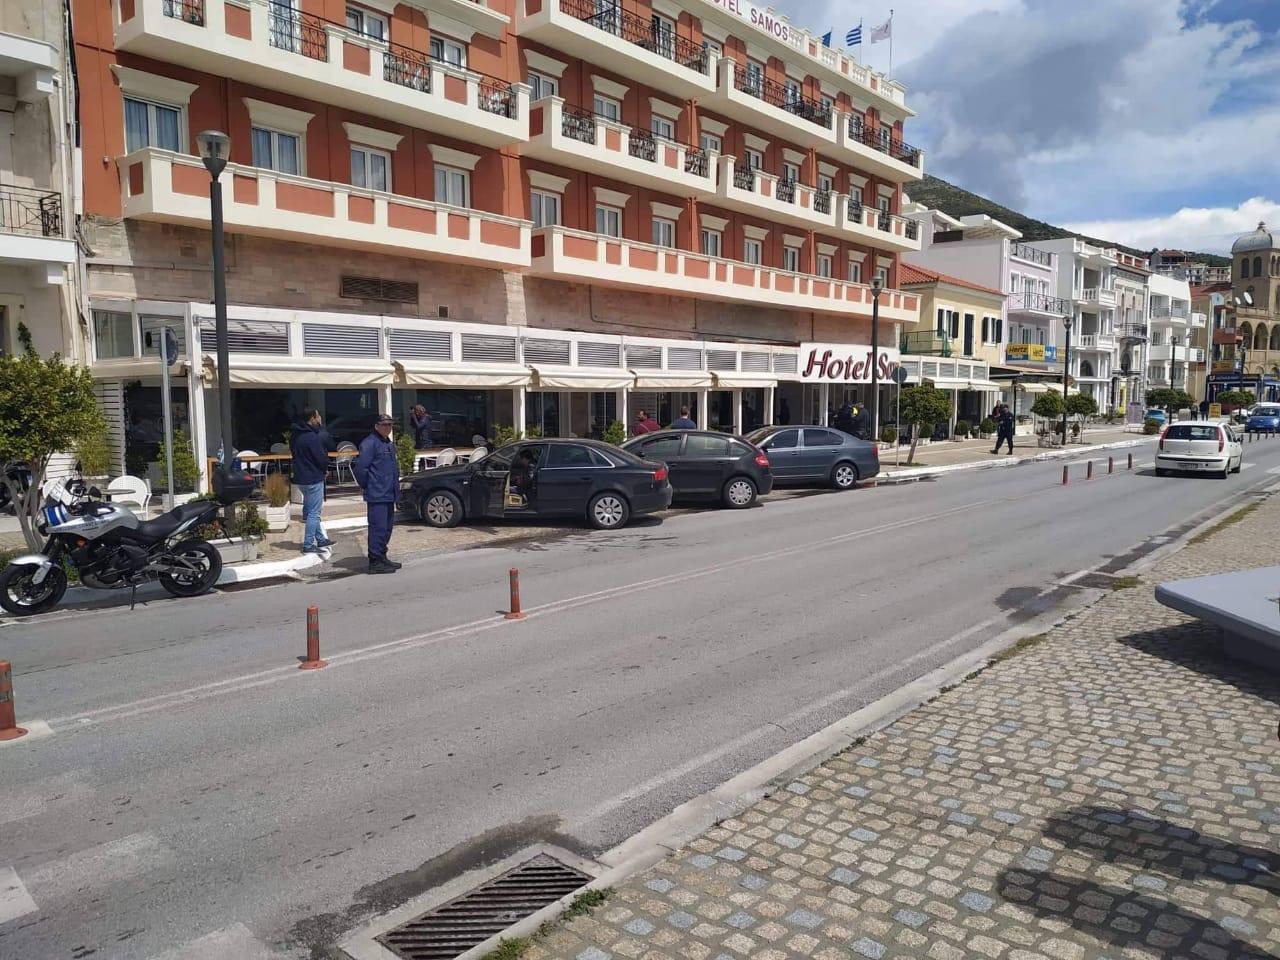 Το ξενοδοχείο στη Σάμο όπου μένει ο Δημήτρης Βίτσας